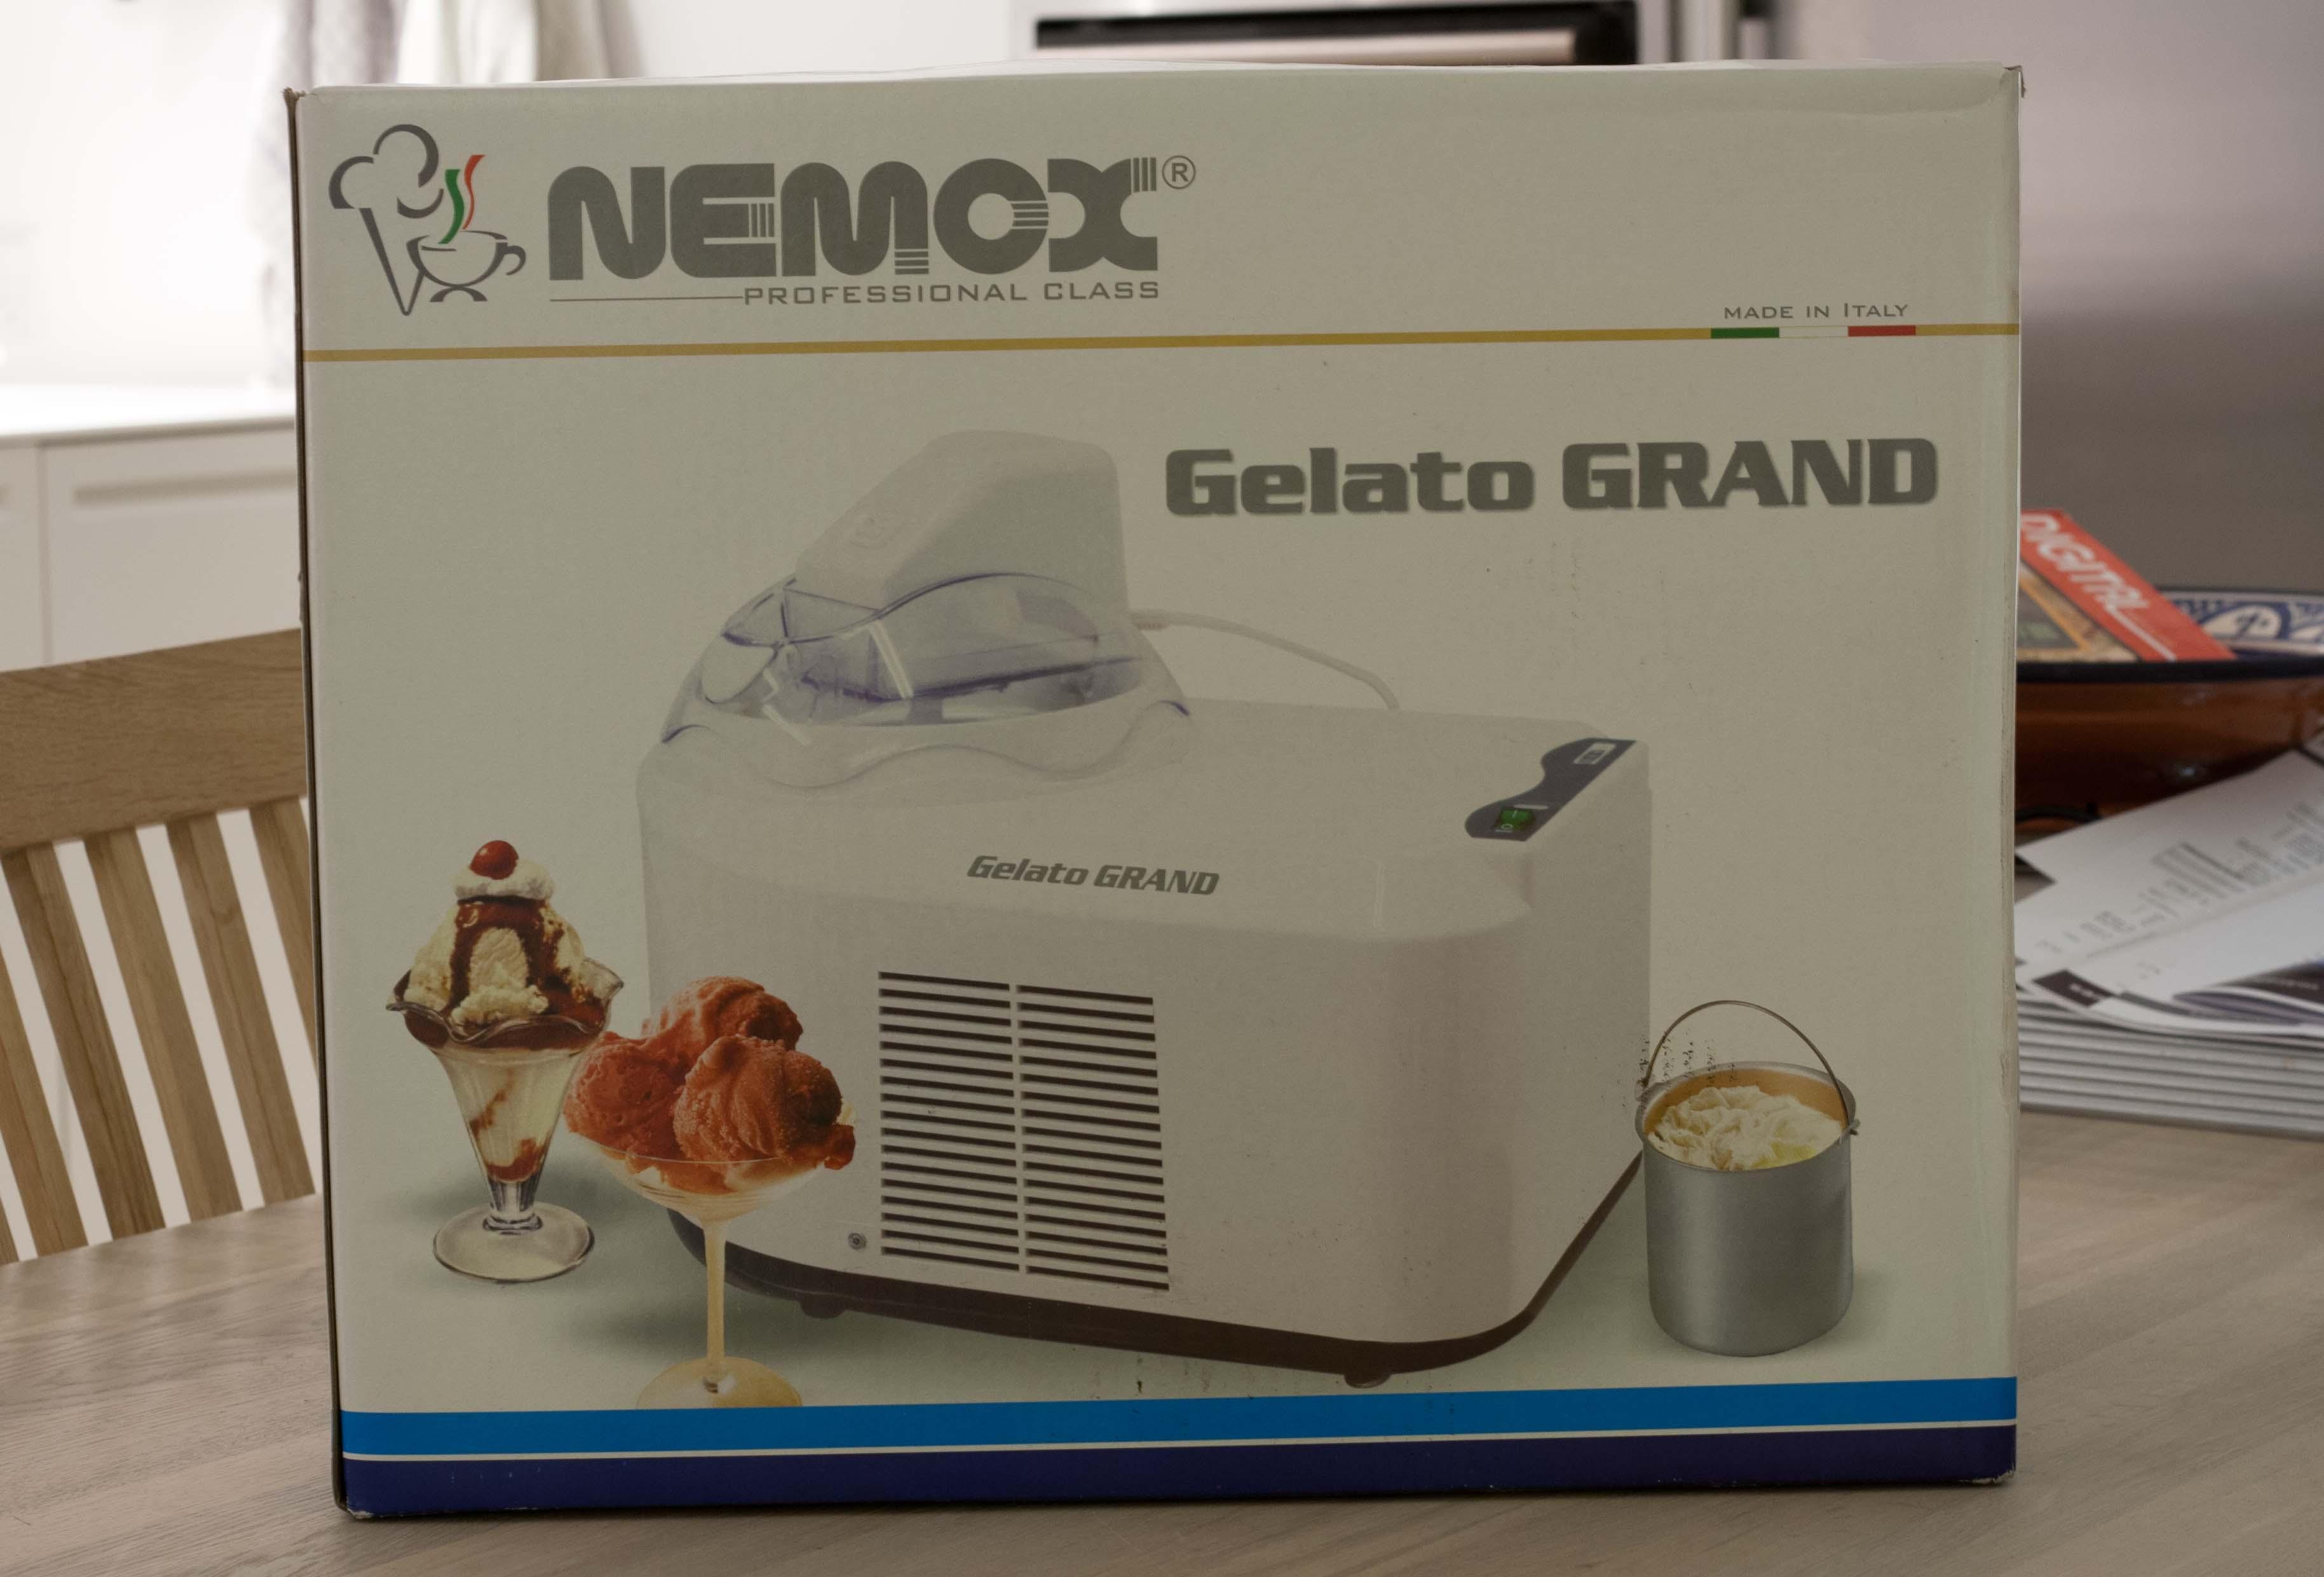 Test af Nemox Gelato Grand ismaskine med kompressor